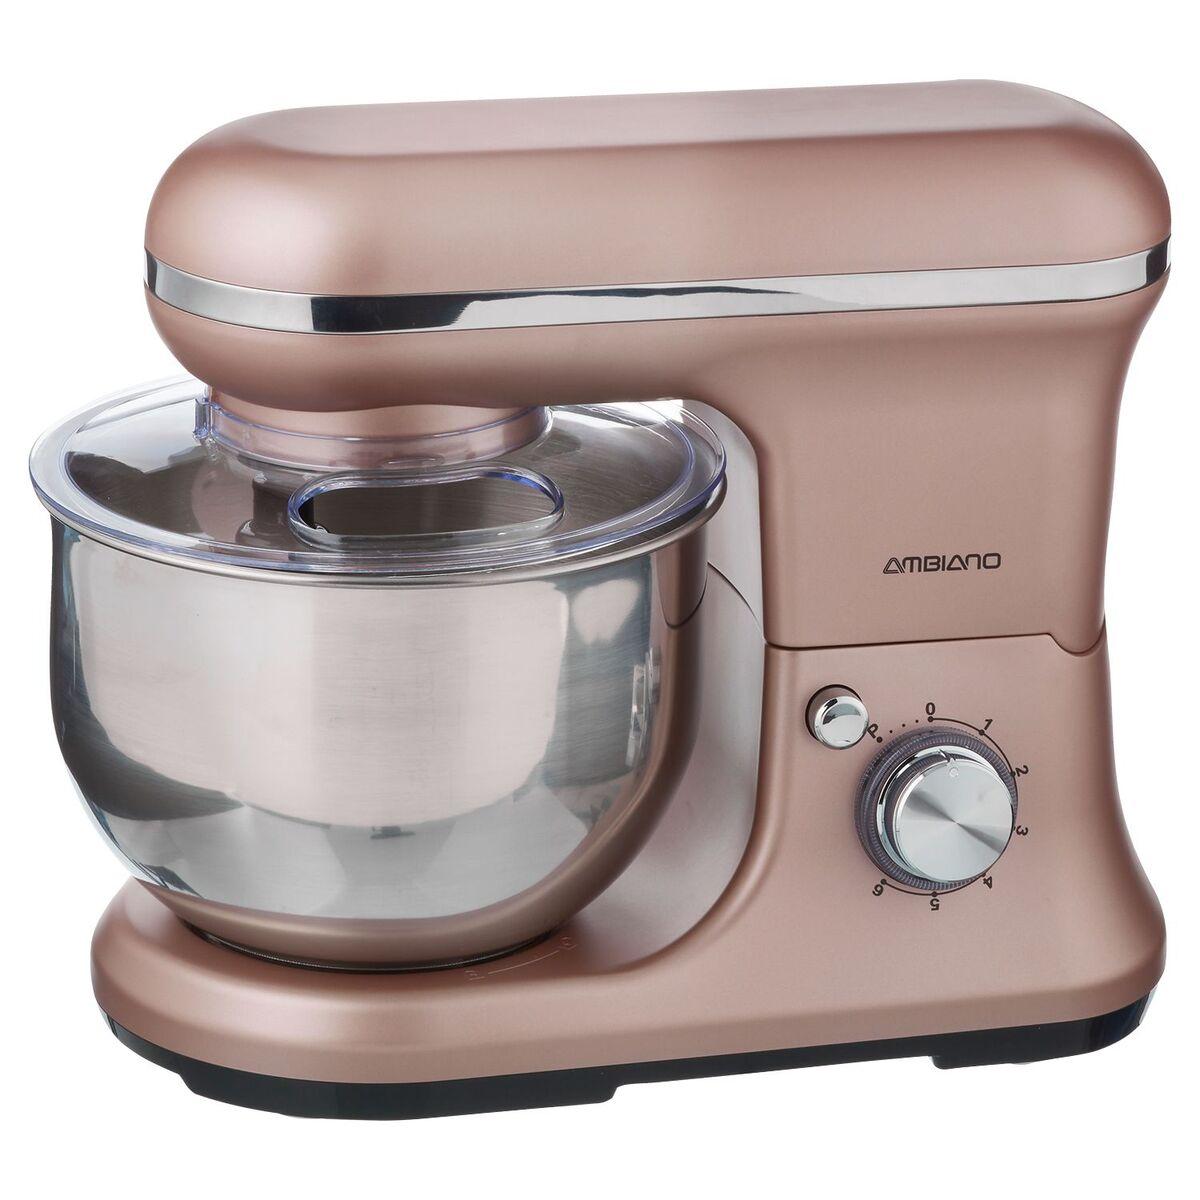 Bild 1 von AMBIANO®  Klassische Küchenmaschine